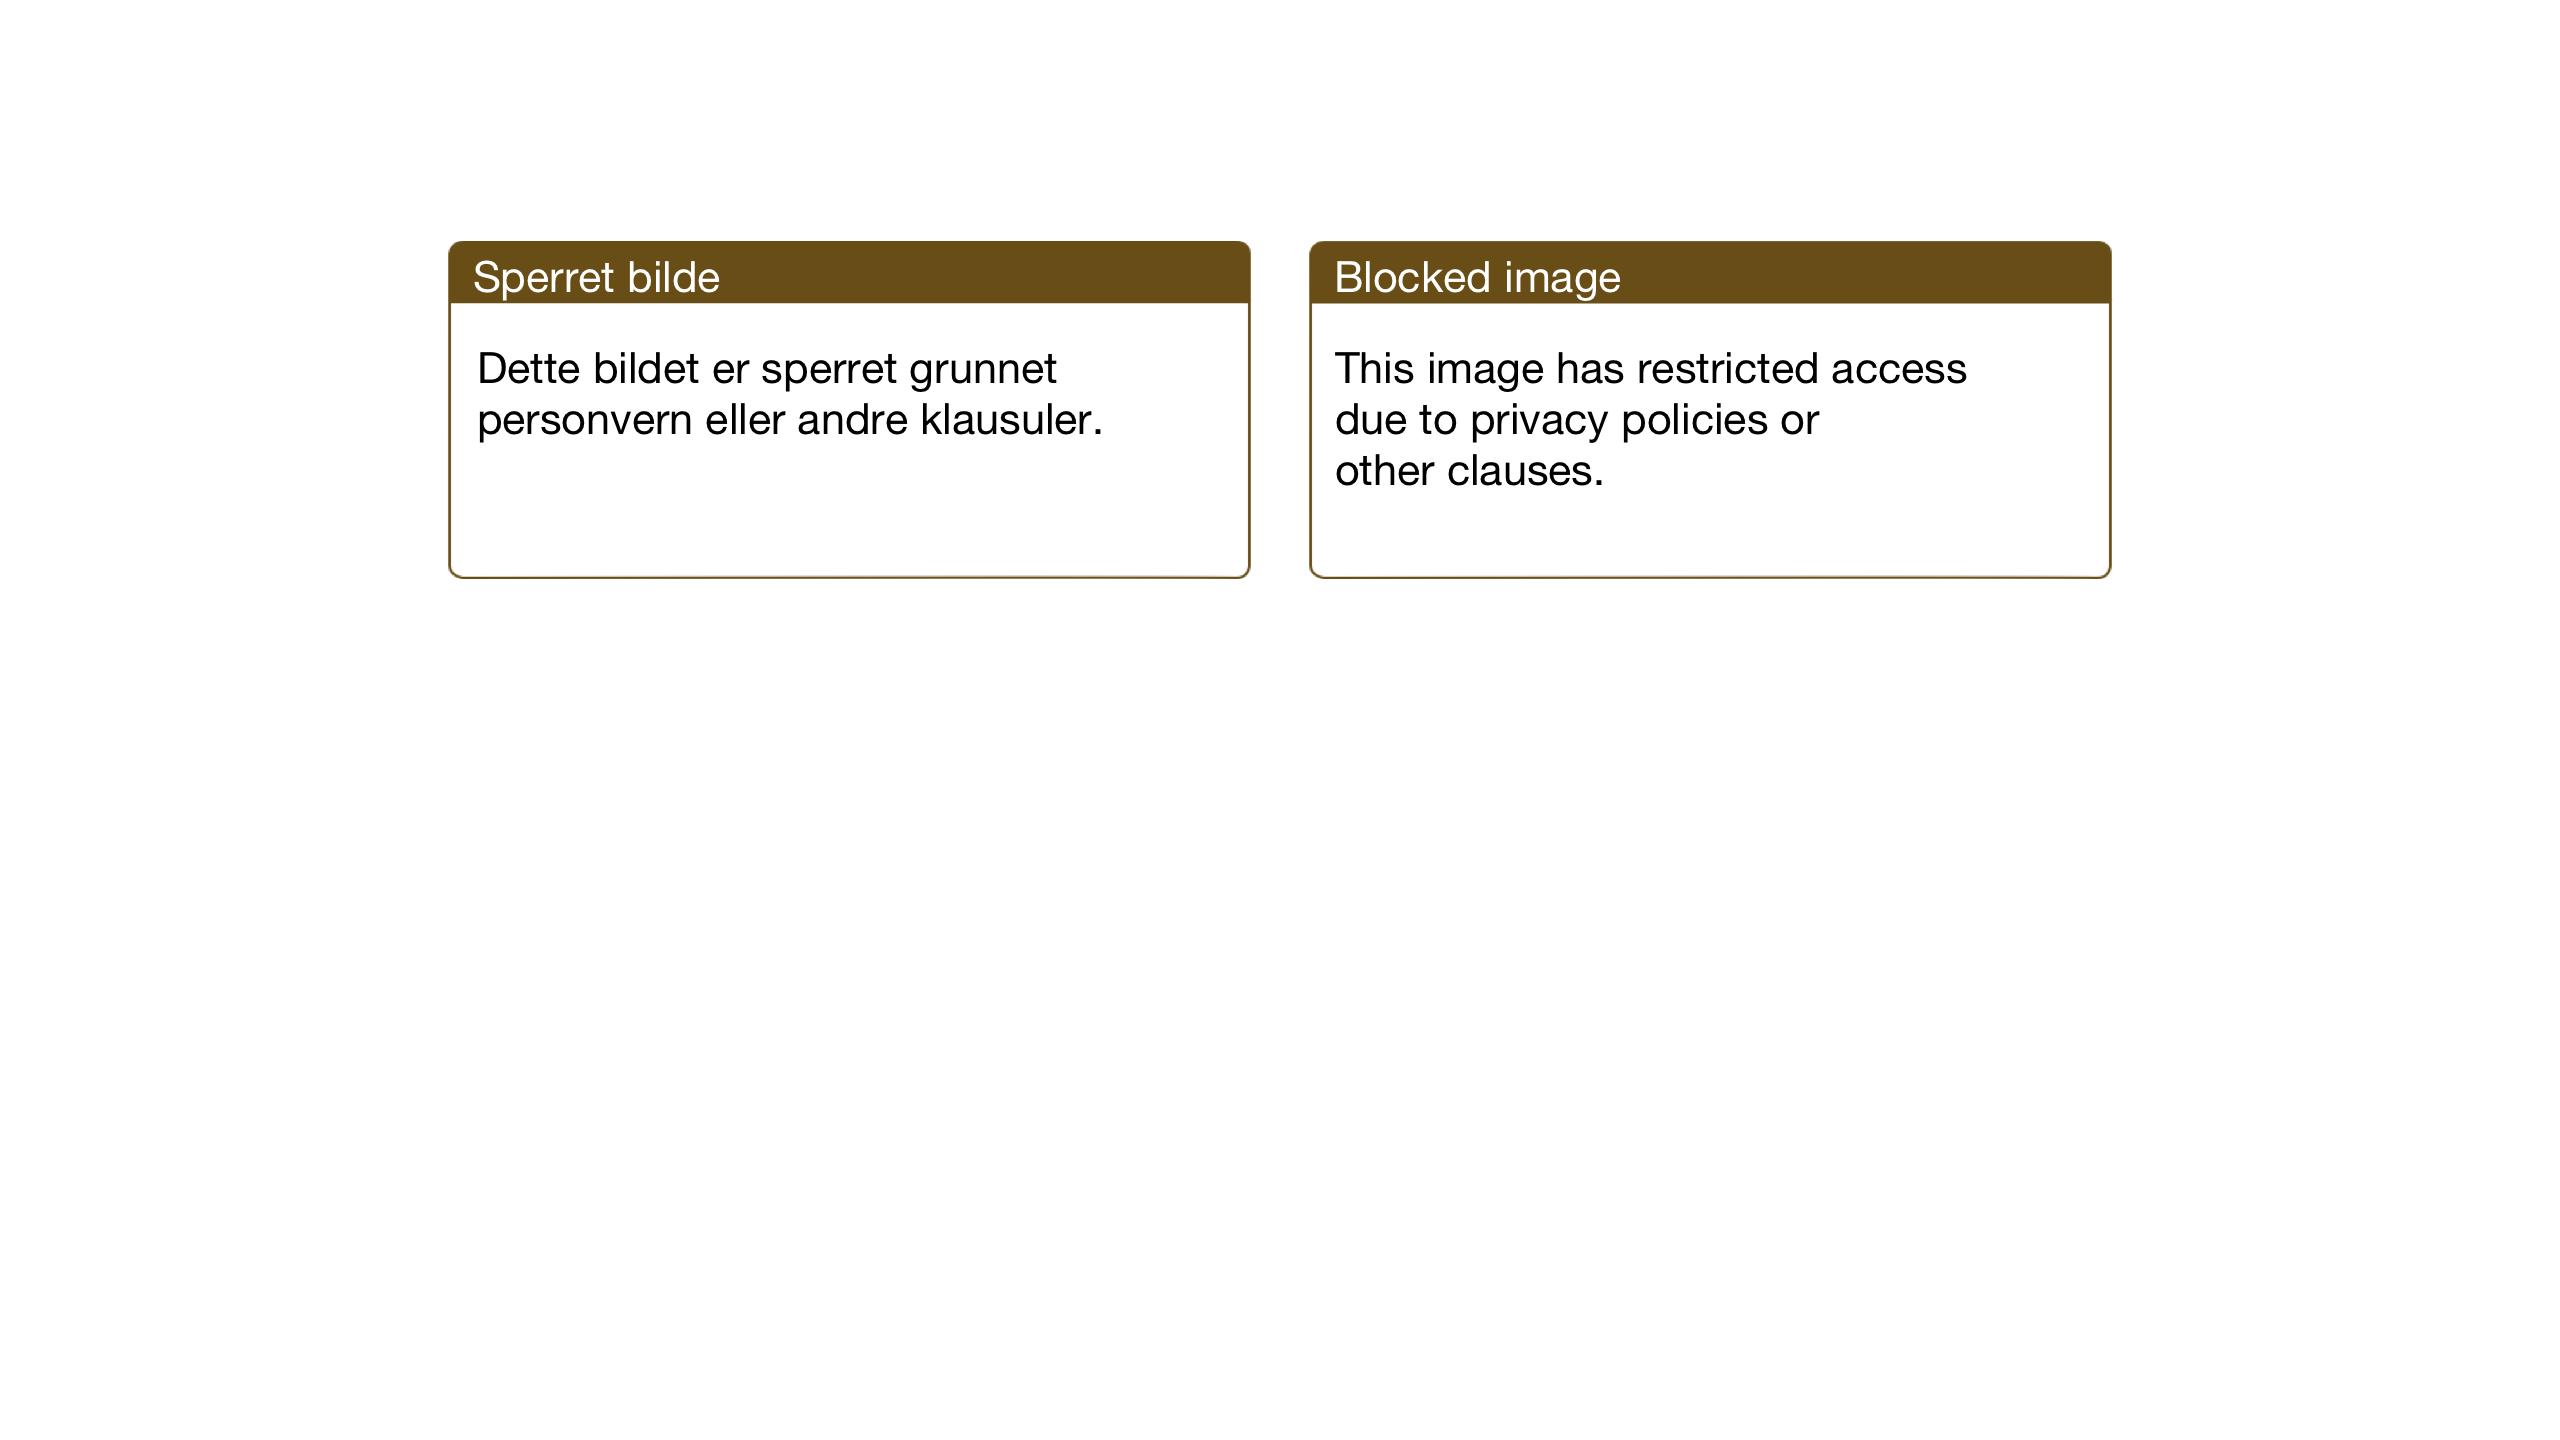 SAT, Ministerialprotokoller, klokkerbøker og fødselsregistre - Sør-Trøndelag, 696/L1161: Klokkerbok nr. 696C01, 1902-1950, s. 73